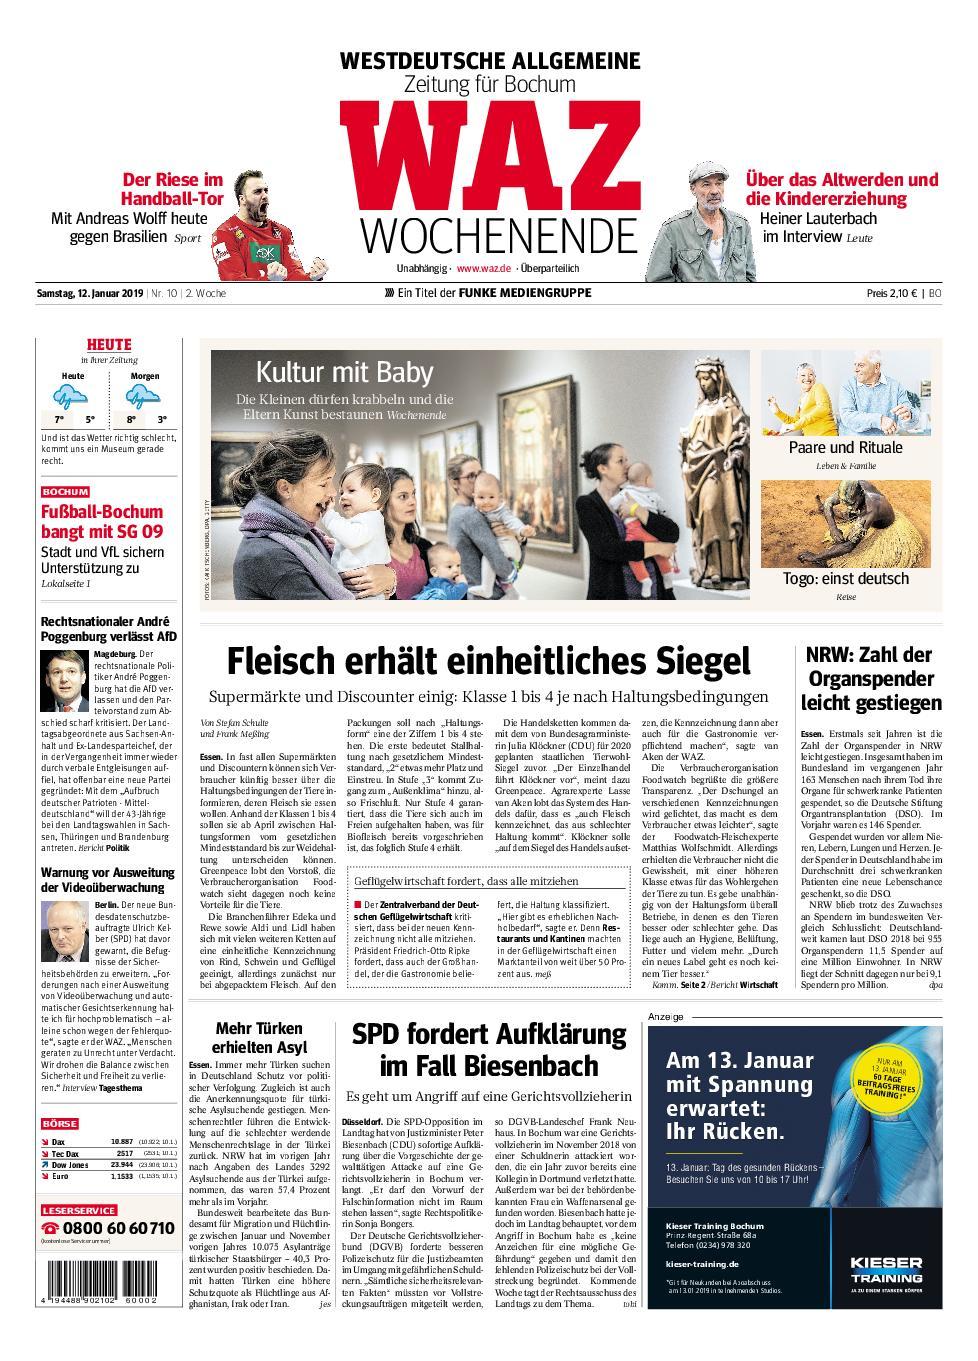 WAZ Westdeutsche Allgemeine Zeitung Bochum-Ost - 12. Januar 2019